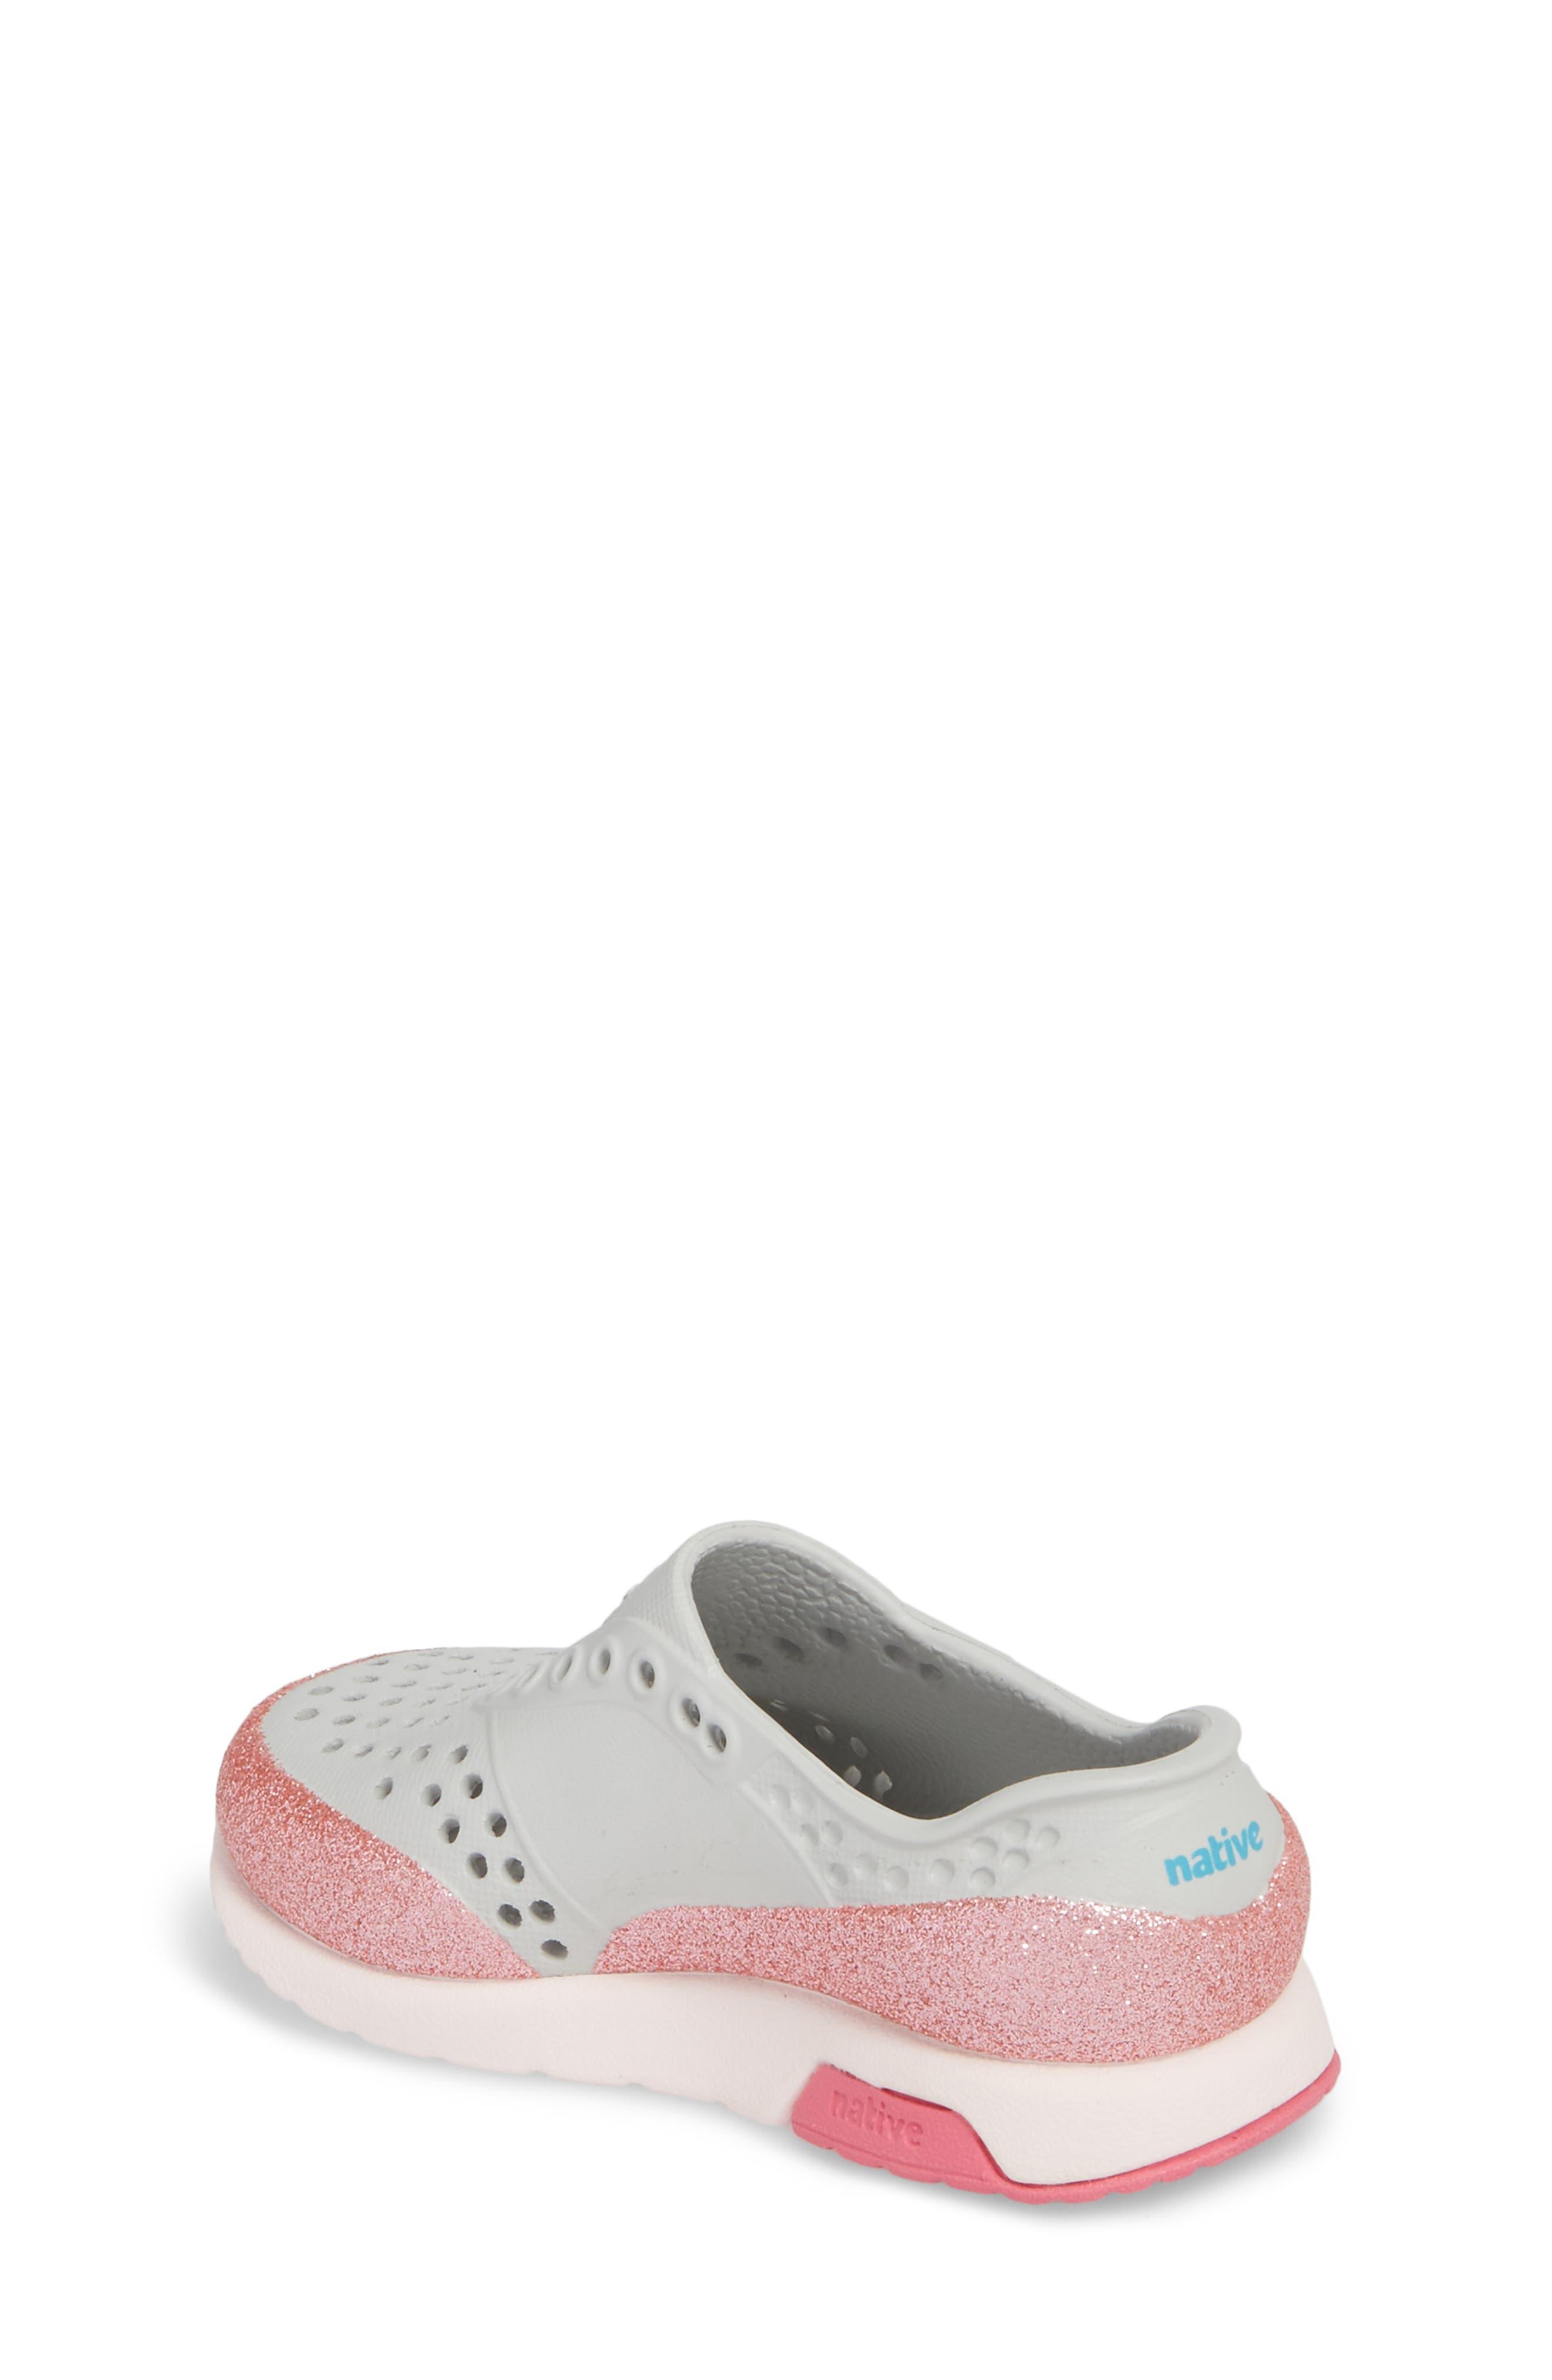 Lennox Glitter Slip-On Sneaker,                             Alternate thumbnail 2, color,                             Mist Grey/ Milk Pink/ Glitter